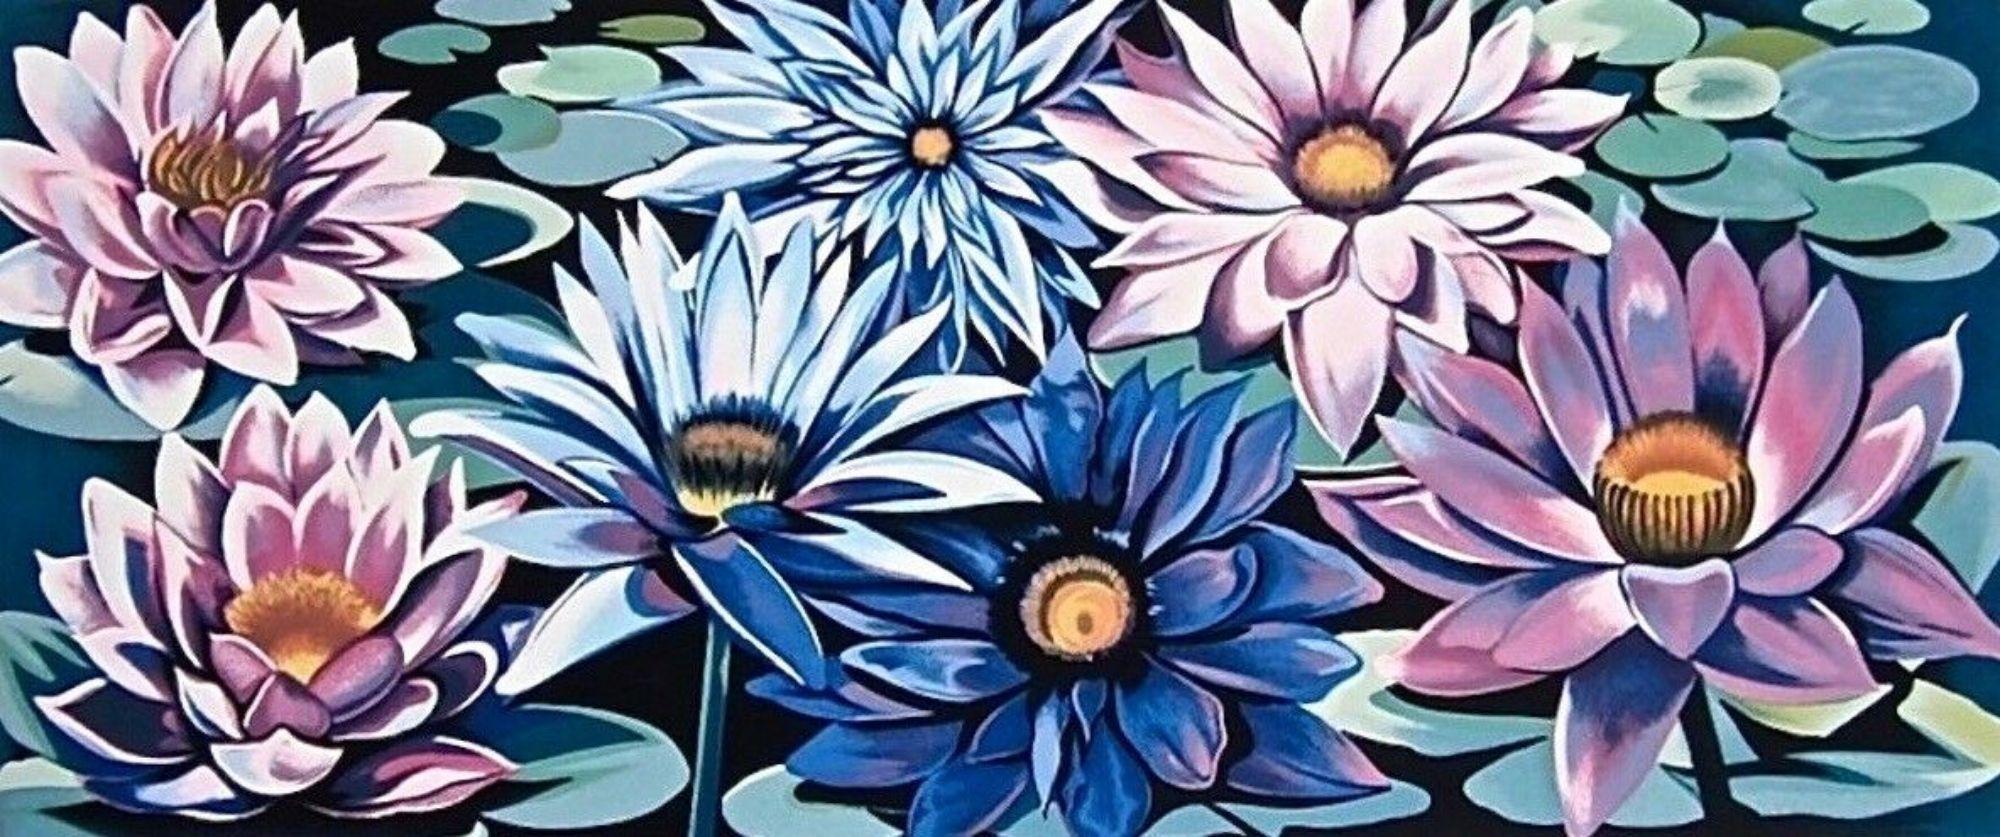 Waterlilies, Limited Edition Silkscreen, Lowell Nesbitt - LARGE